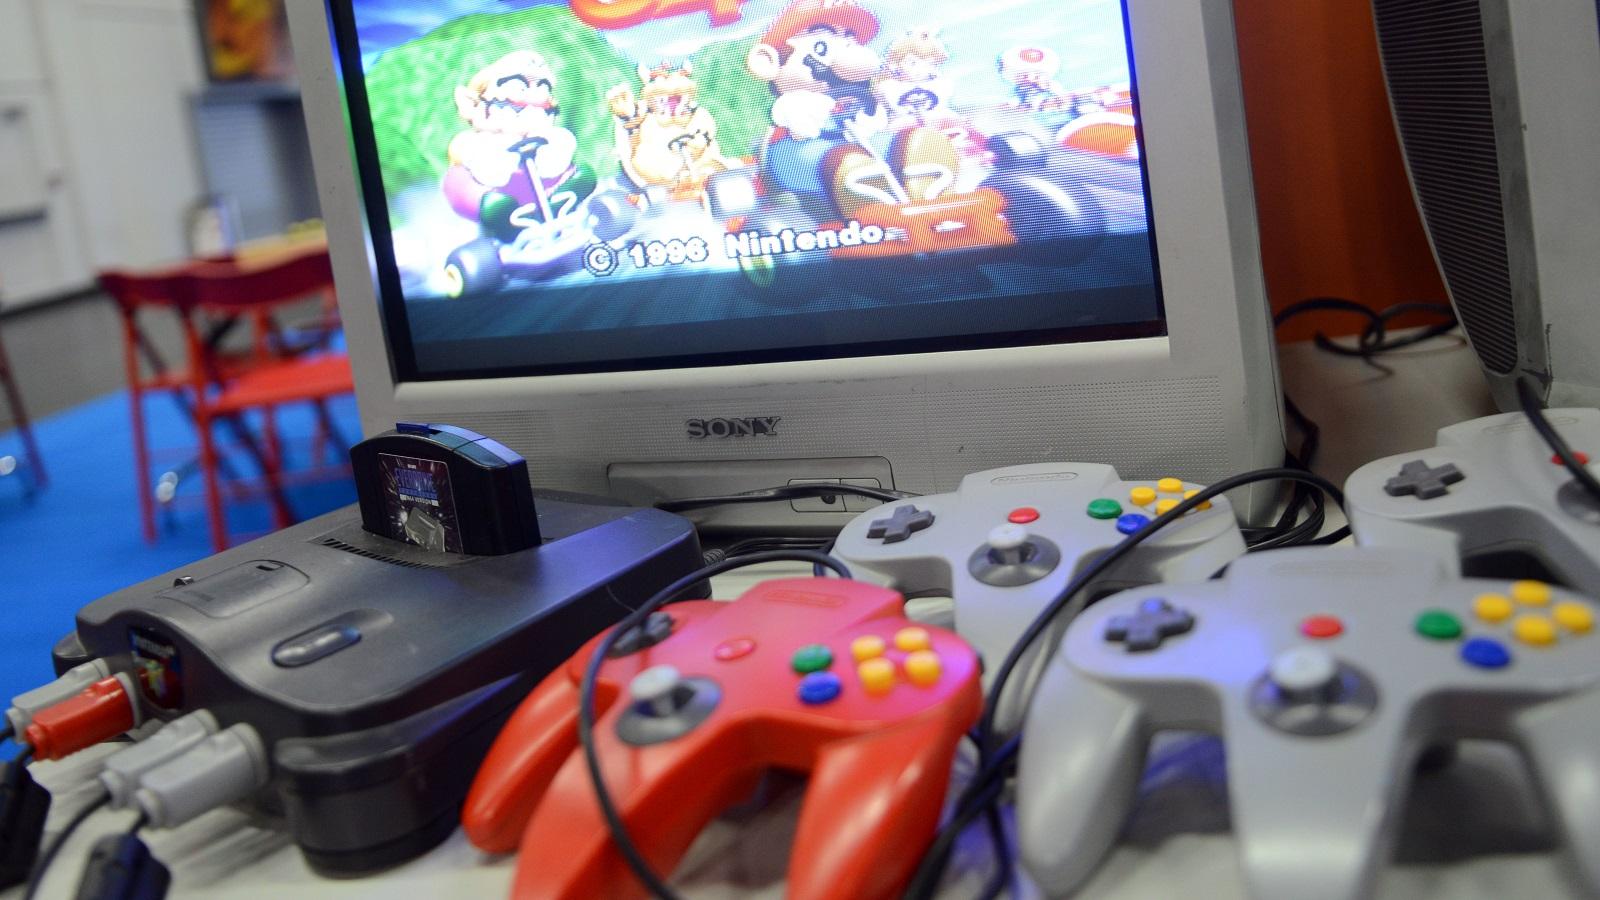 Eine alte Nintendo 64 Konsole mit passenden Controllern